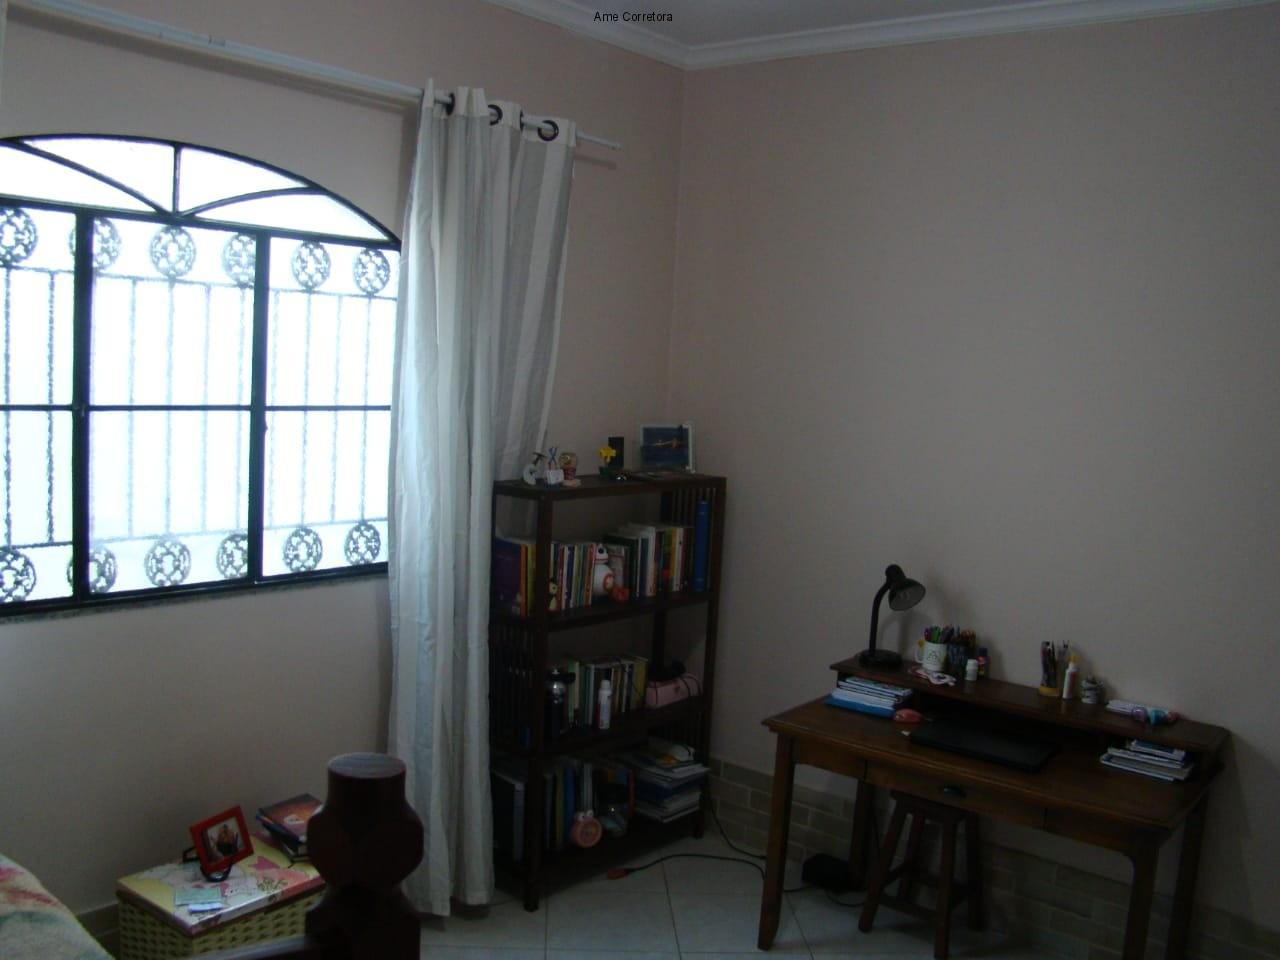 FOTO 03 - Casa 3 quartos à venda Guaratiba, Rio de Janeiro - R$ 350.000 - CA00784 - 4